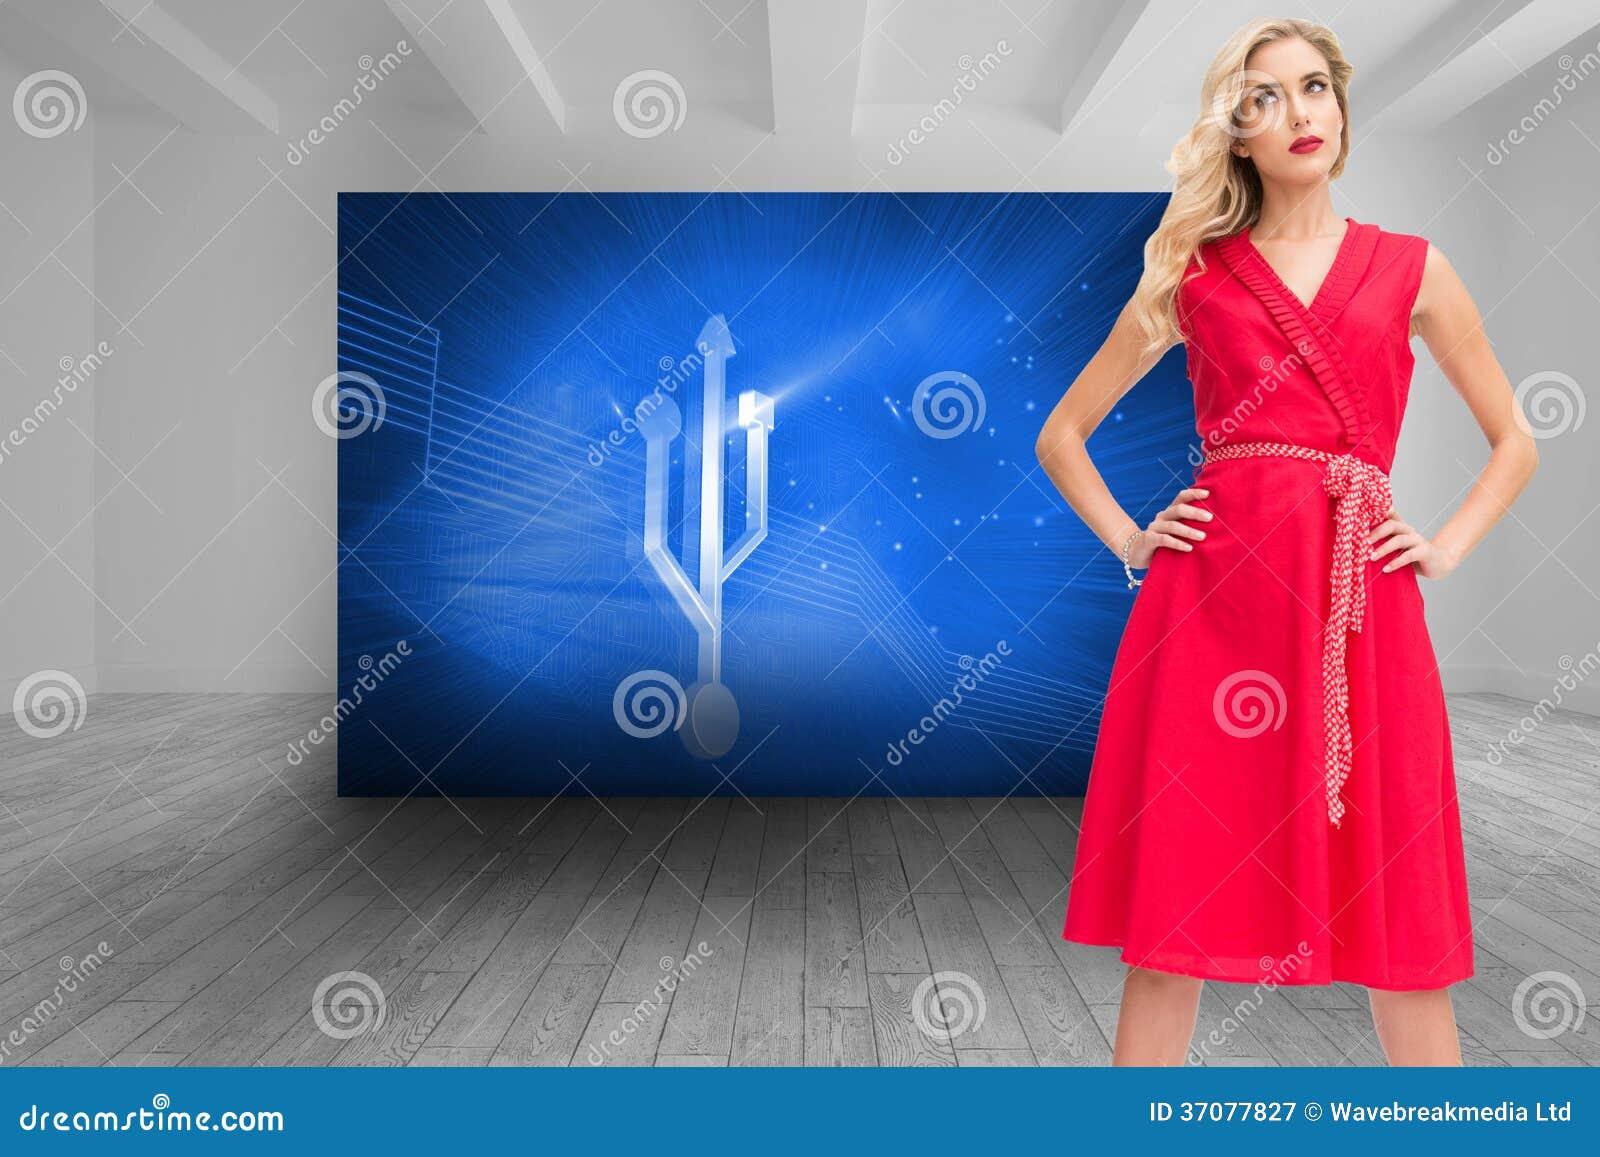 Download Eleganckie Blondynki Pozyci Ręki Na Biodrach Ilustracji - Ilustracja złożonej z wytwarza, technologia: 37077827